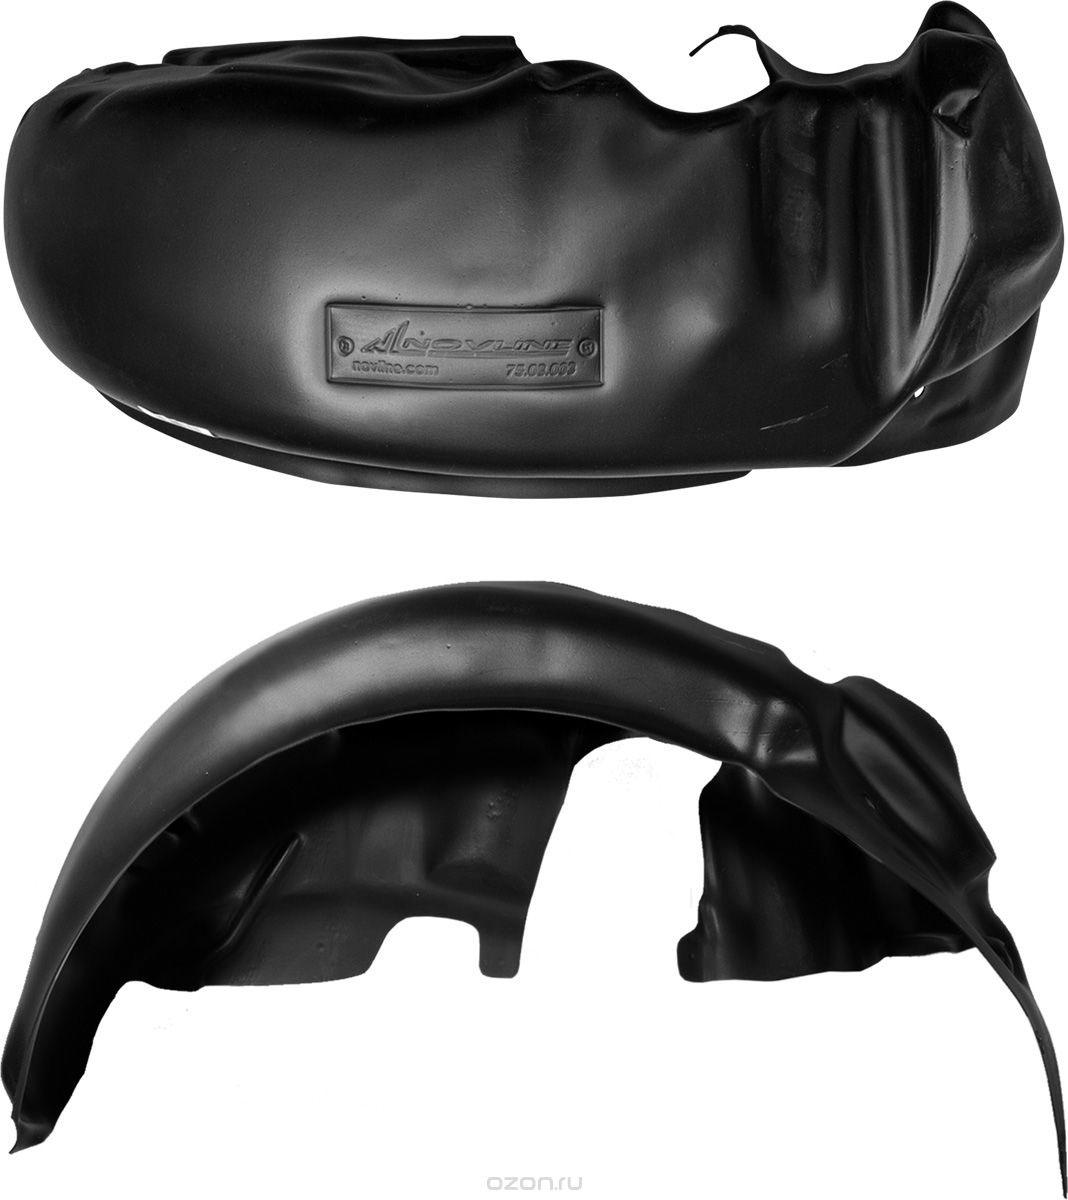 Подкрылок Novline-Autofamily, для PEUGEOT Boxer /CITROEN Jumper, задний левый с расширителями арок, 2006->VCA-00Идеальная защита колесной ниши. Локеры разработаны с применением цифровых технологий, гарантируют максимальную повторяемость поверхности арки. Изделия устанавливаются без нарушения лакокрасочного покрытия автомобиля, каждый подкрылок комплектуется крепежом. Уважаемые клиенты, обращаем ваше внимание, что фотографии на подкрылки универсальные и не отражают реальную форму изделия. При этом само изделие идет точно под размер указанного автомобиля.